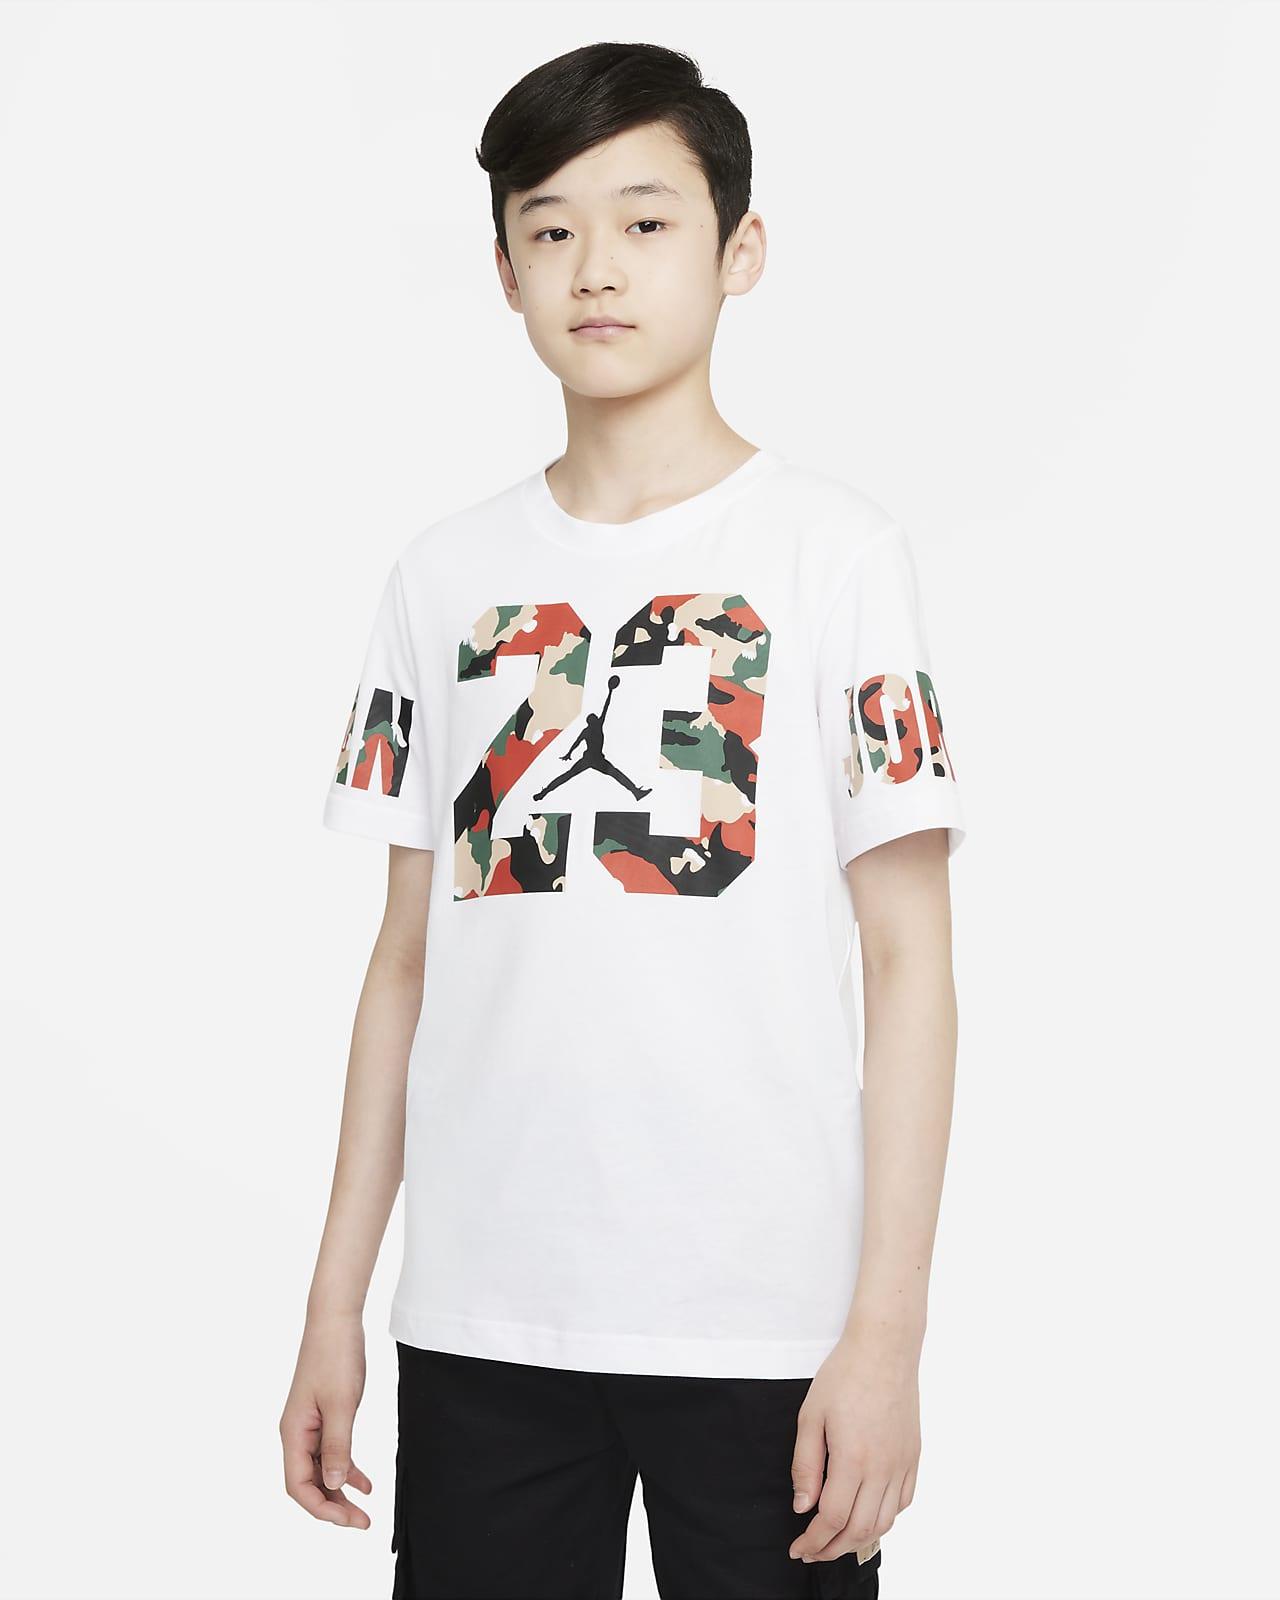 Jordan 大童(男孩)T恤